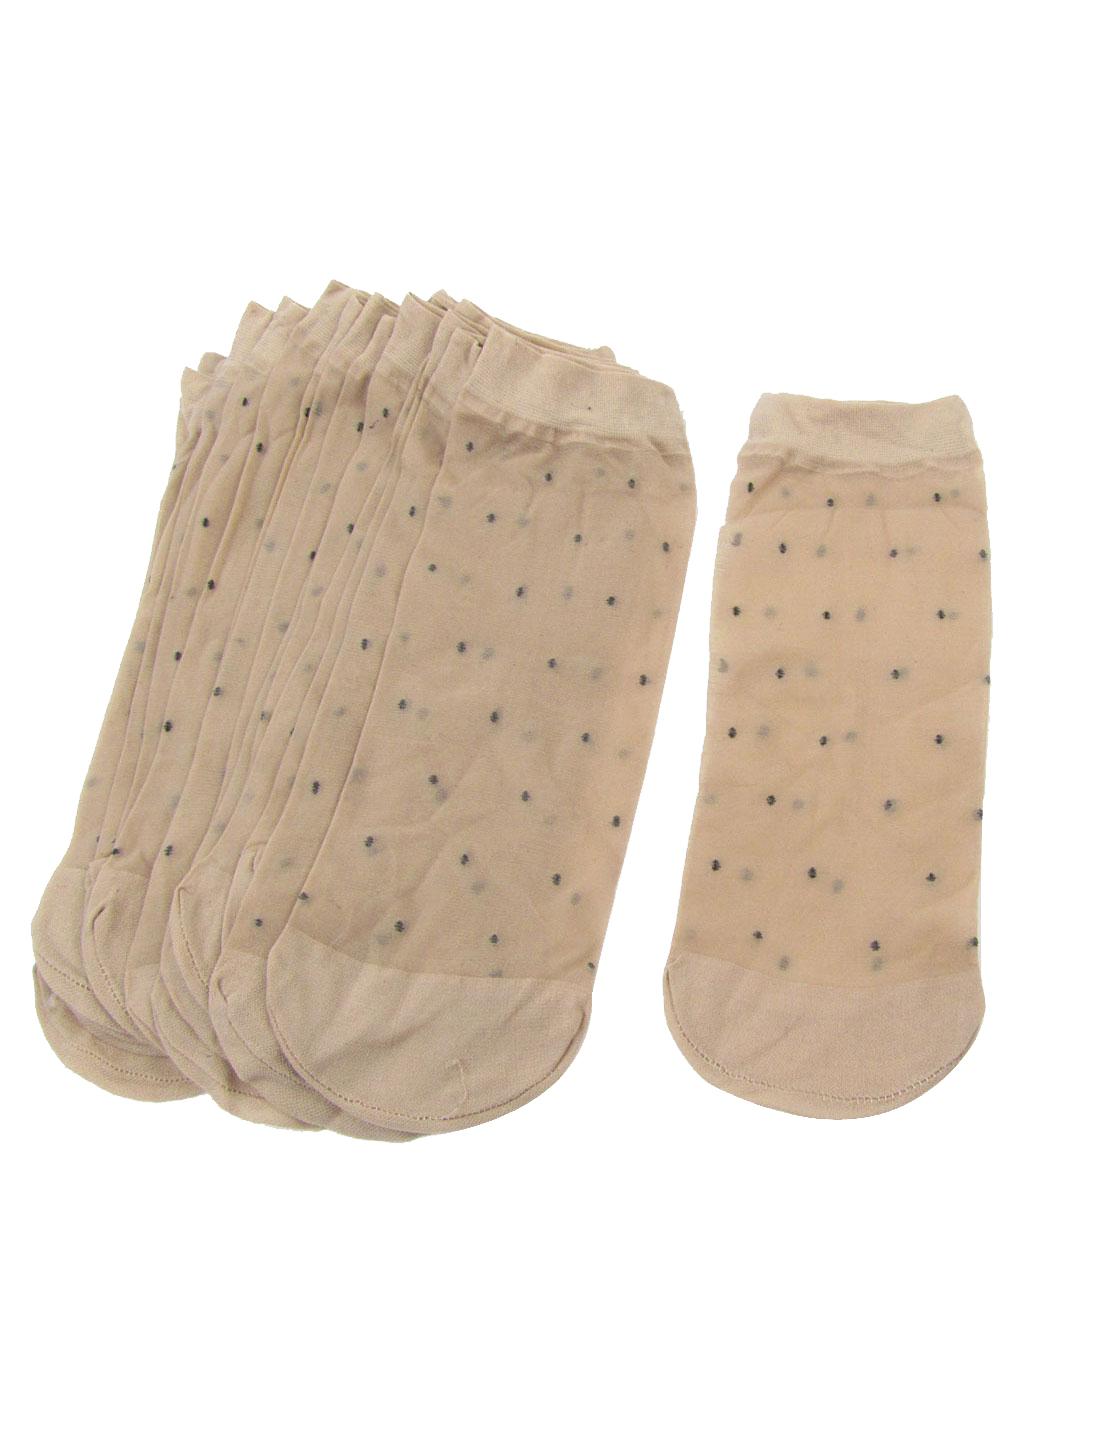 10 Pairs Black Dots Printed Soft Elastic Beige Sheer Socks for Ladies